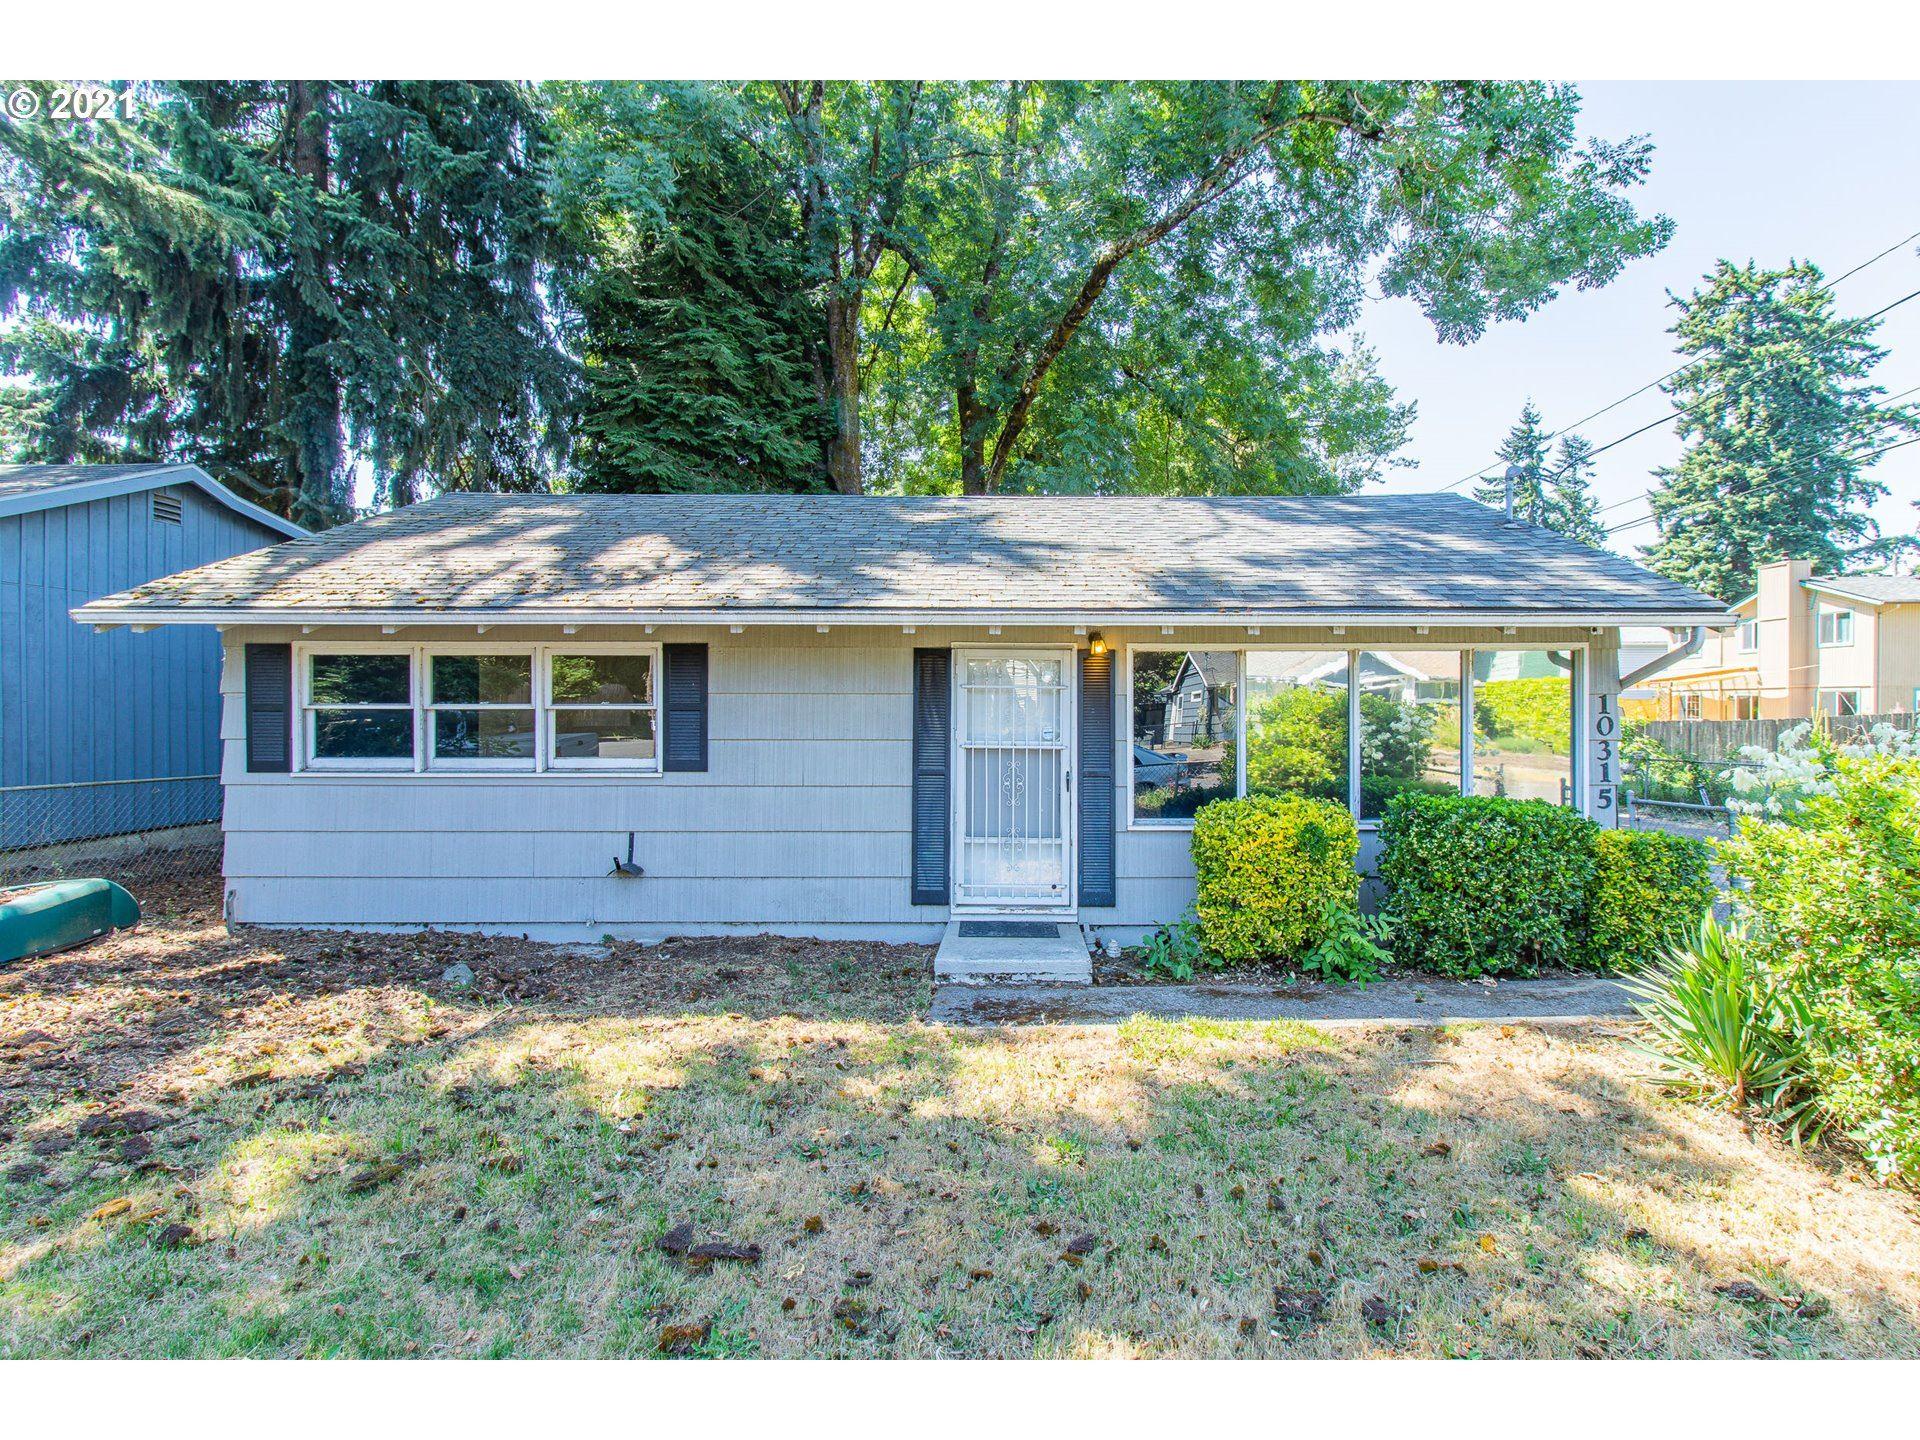 10315 N OSWEGO AVE, Portland, OR 97203 - MLS#: 21178378